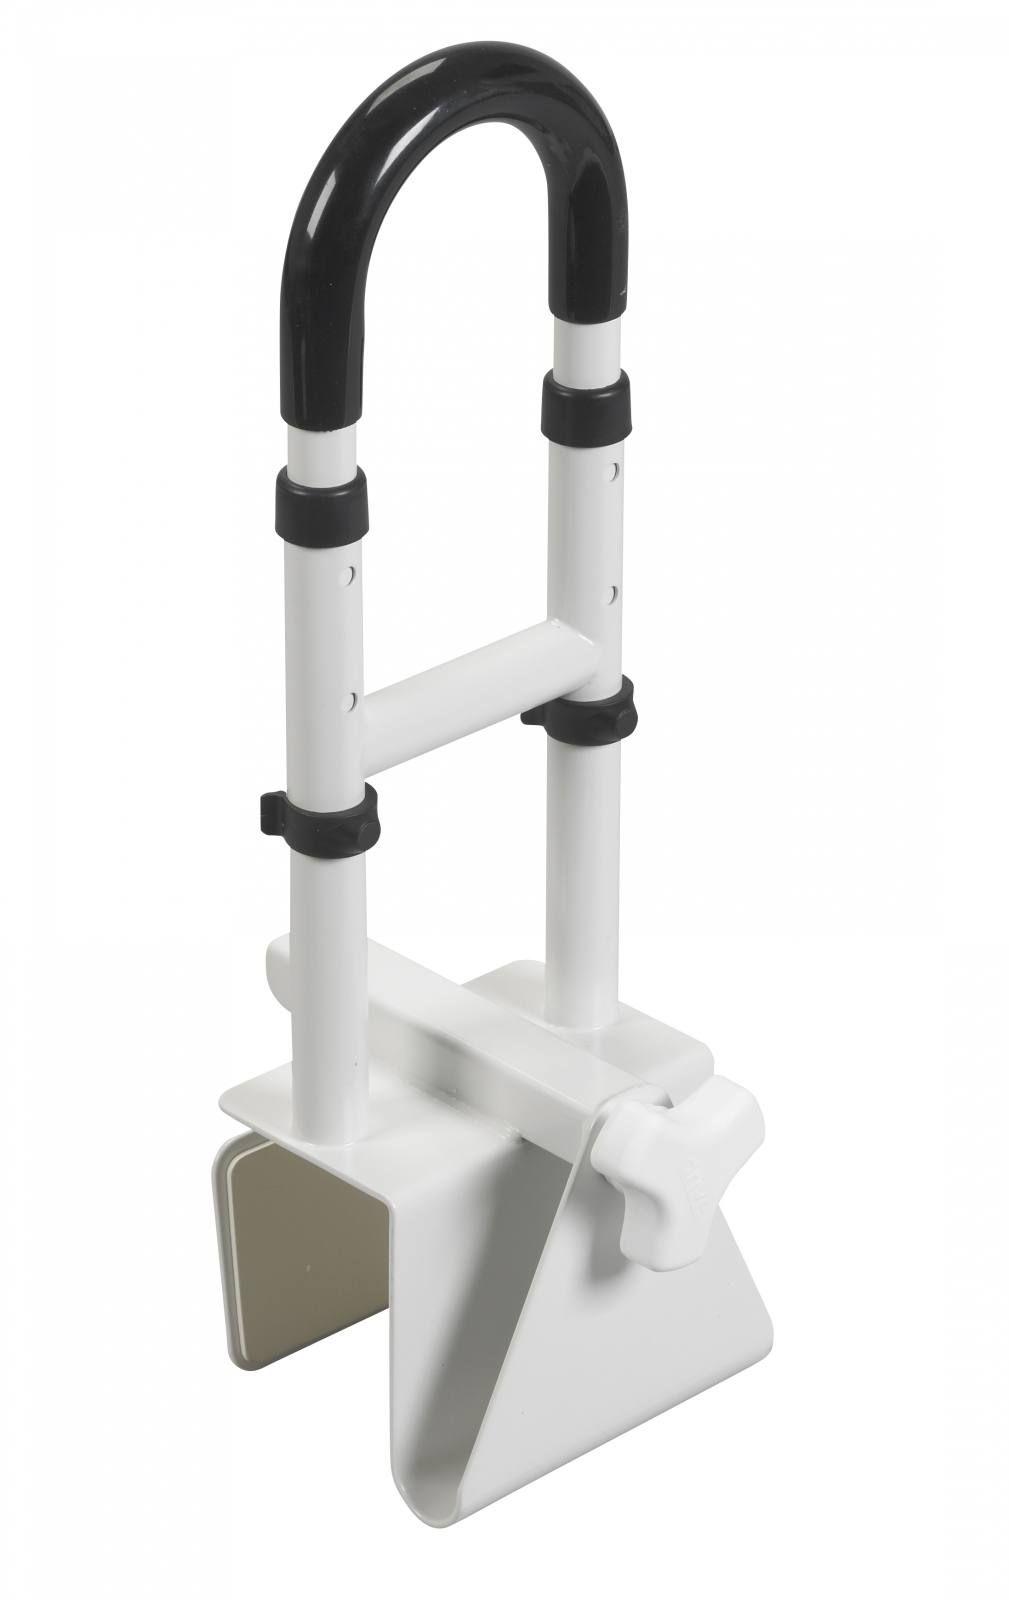 Adjustable Height Bathtub Grab Bar Safety Rail | Bathroom Safety ...